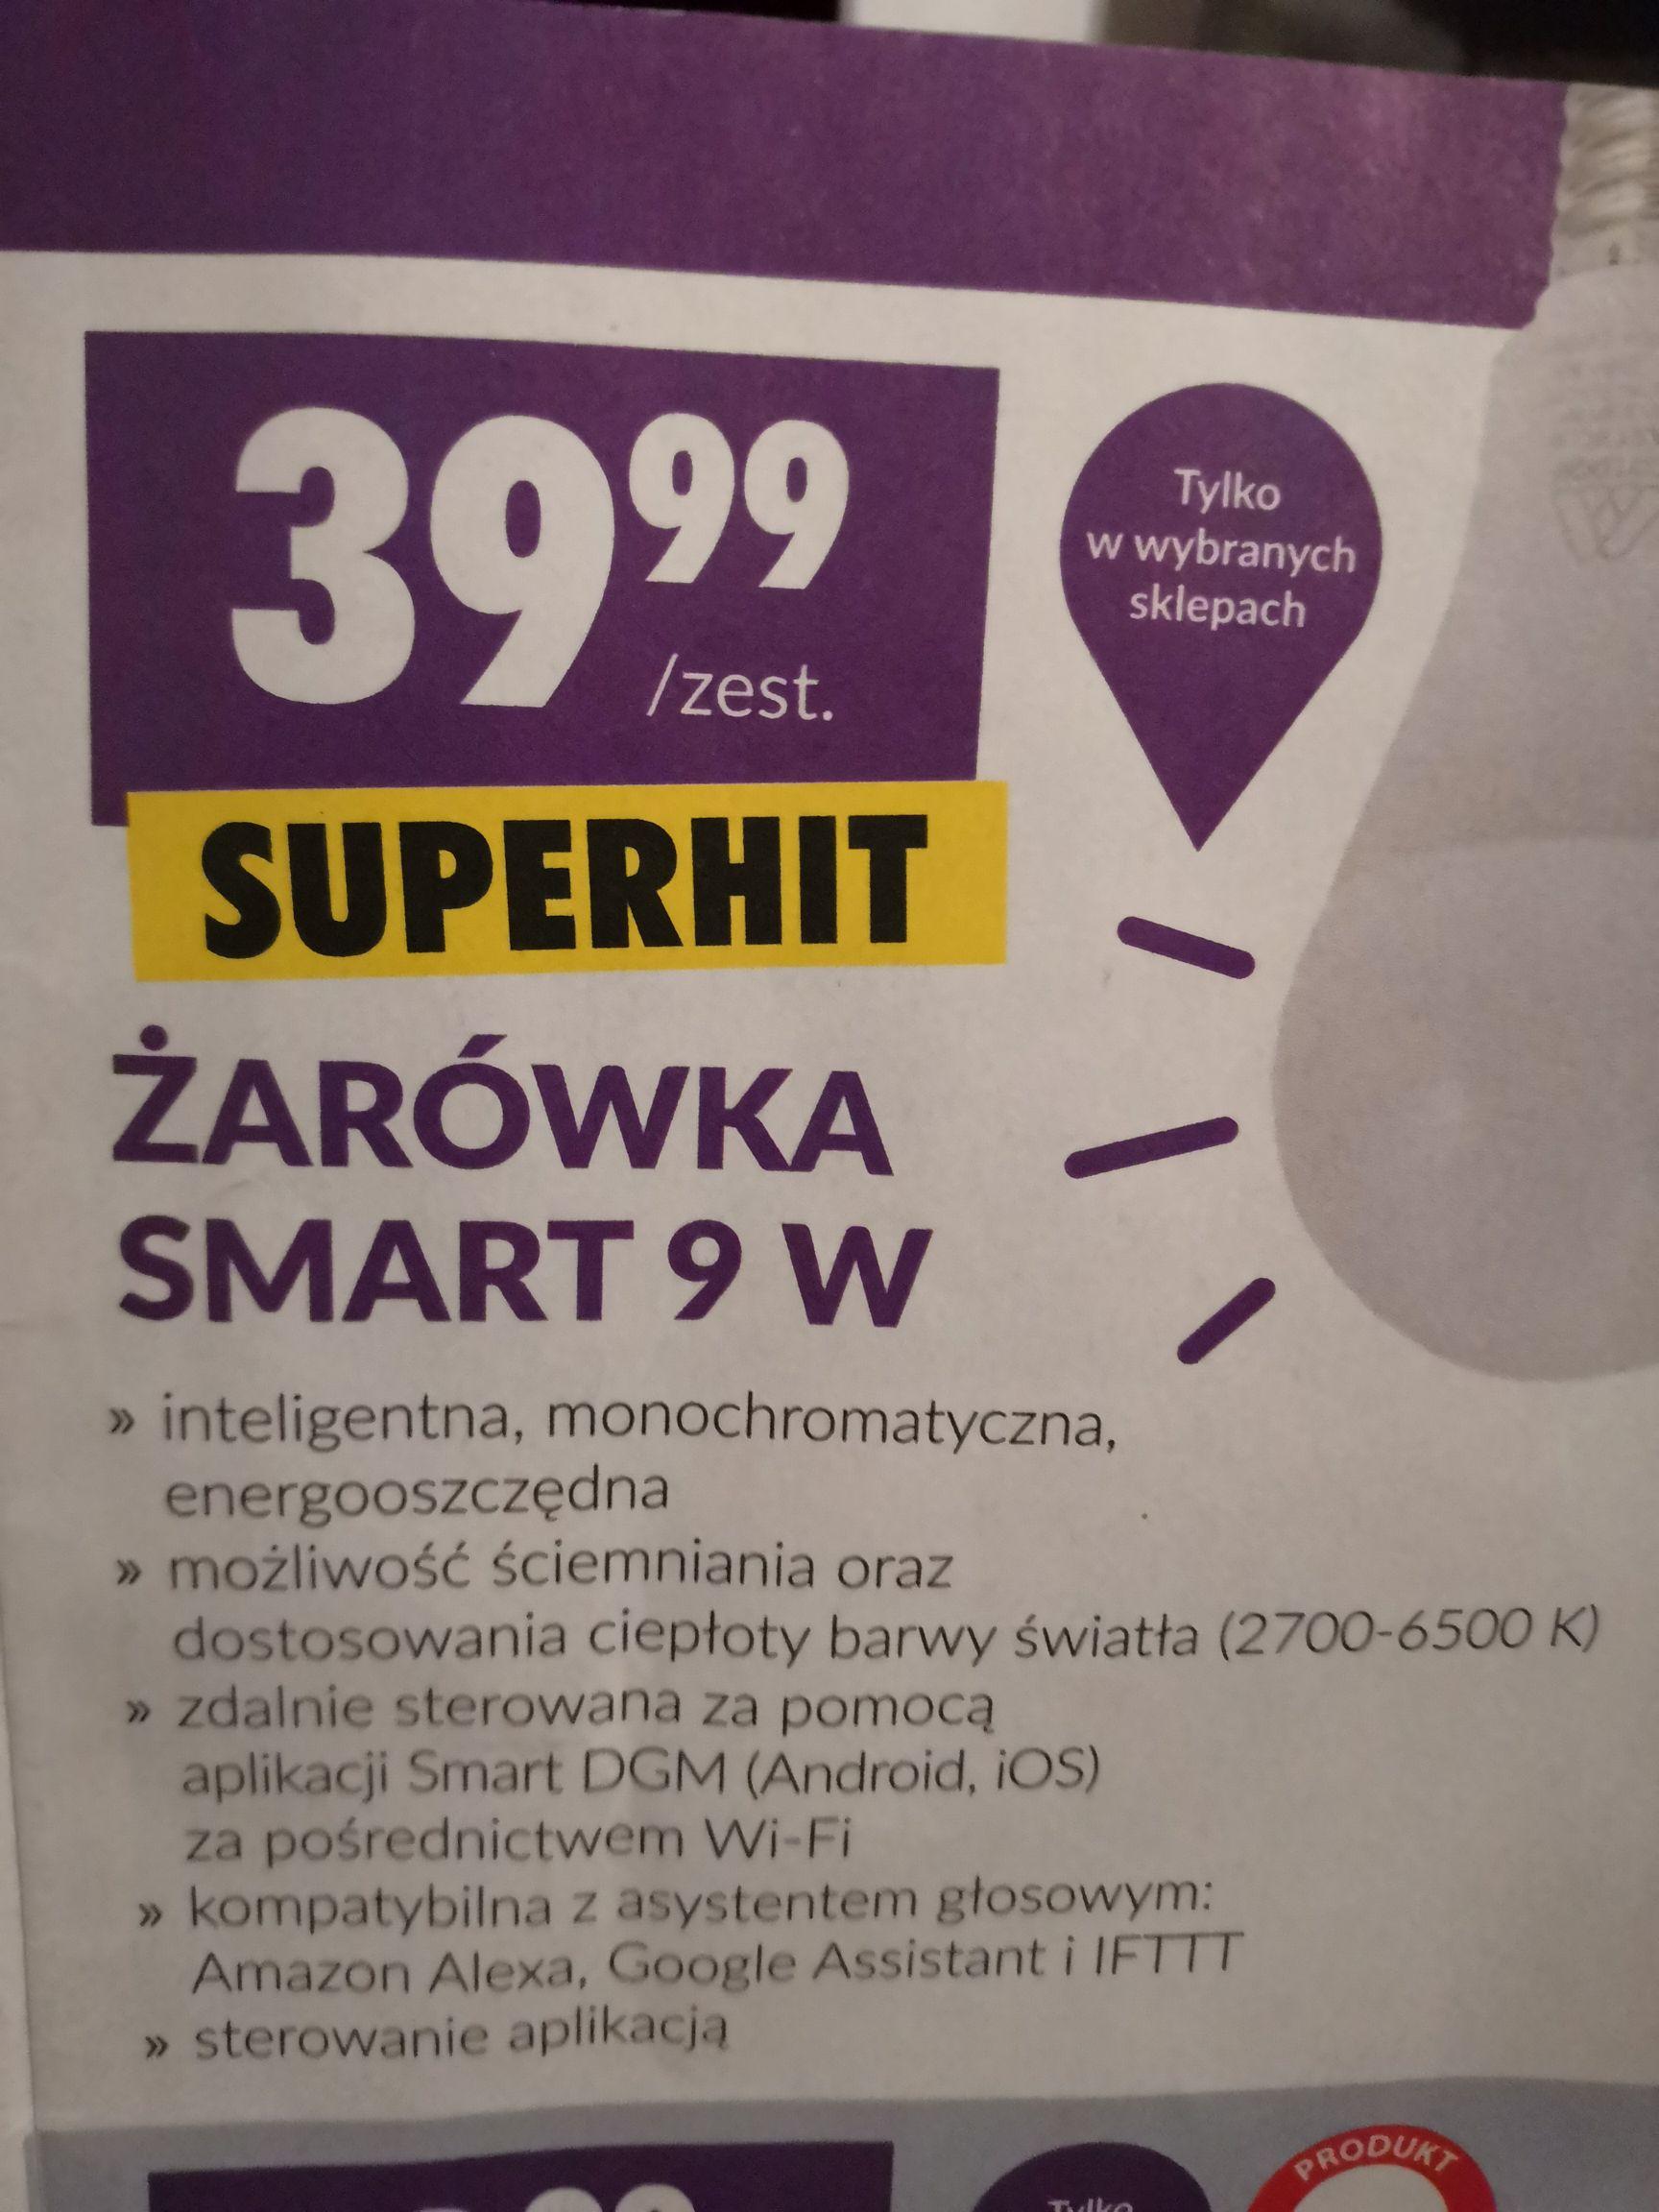 Żarówka smart 9W